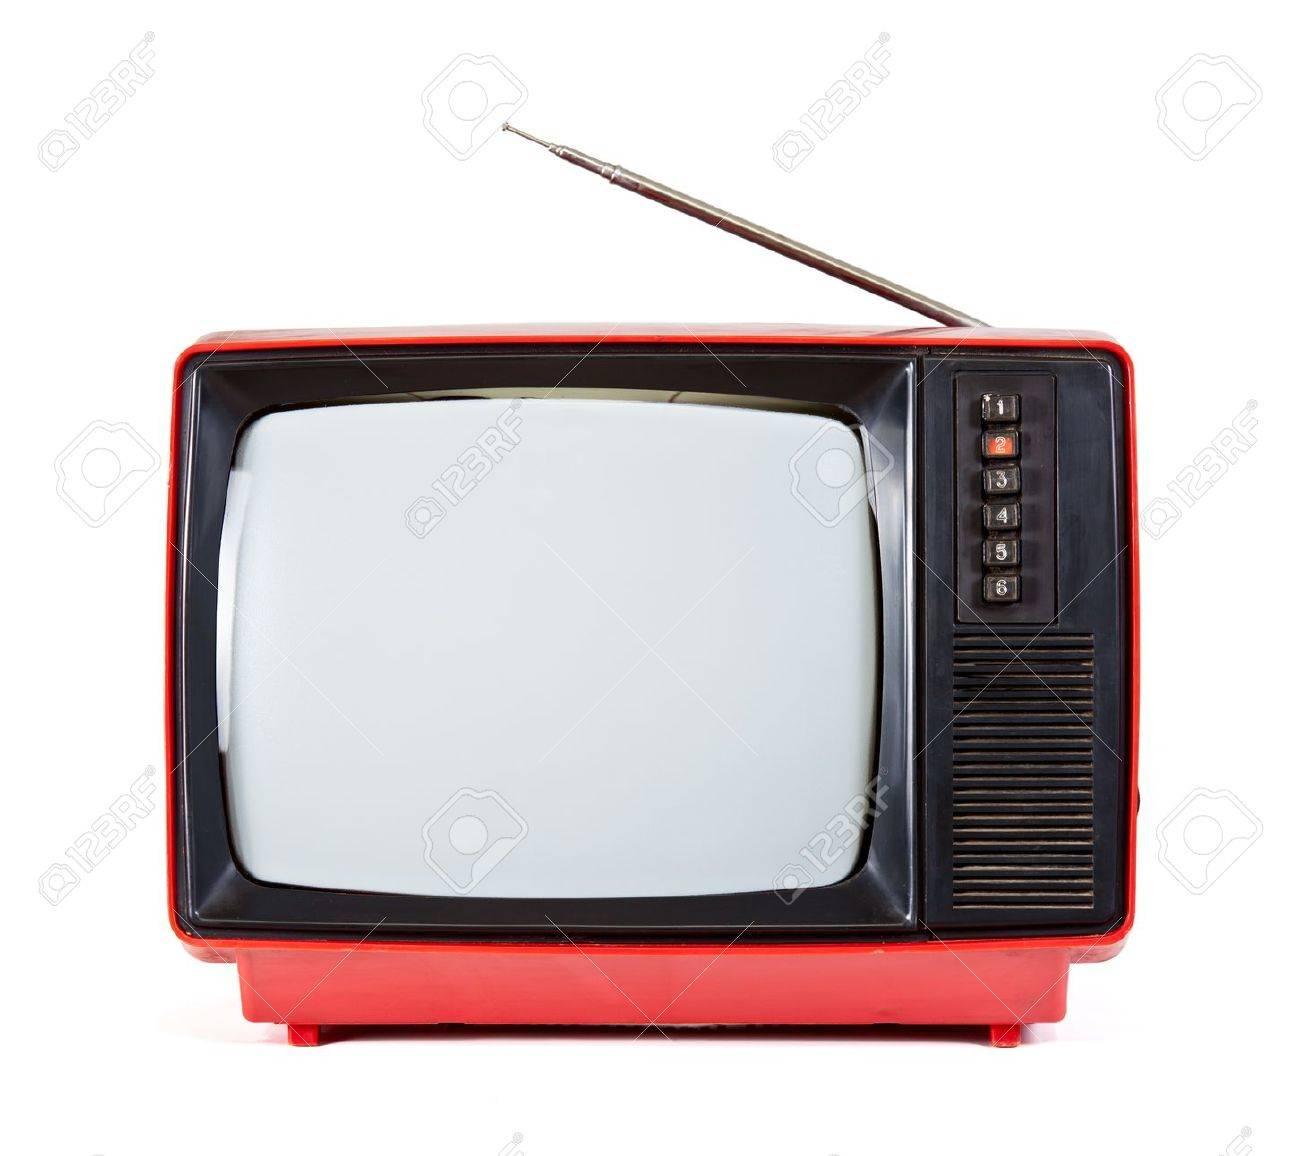 Fernseher Hintergrund vintage red fernseher isoliert auf weißem hintergrund lizenzfreie